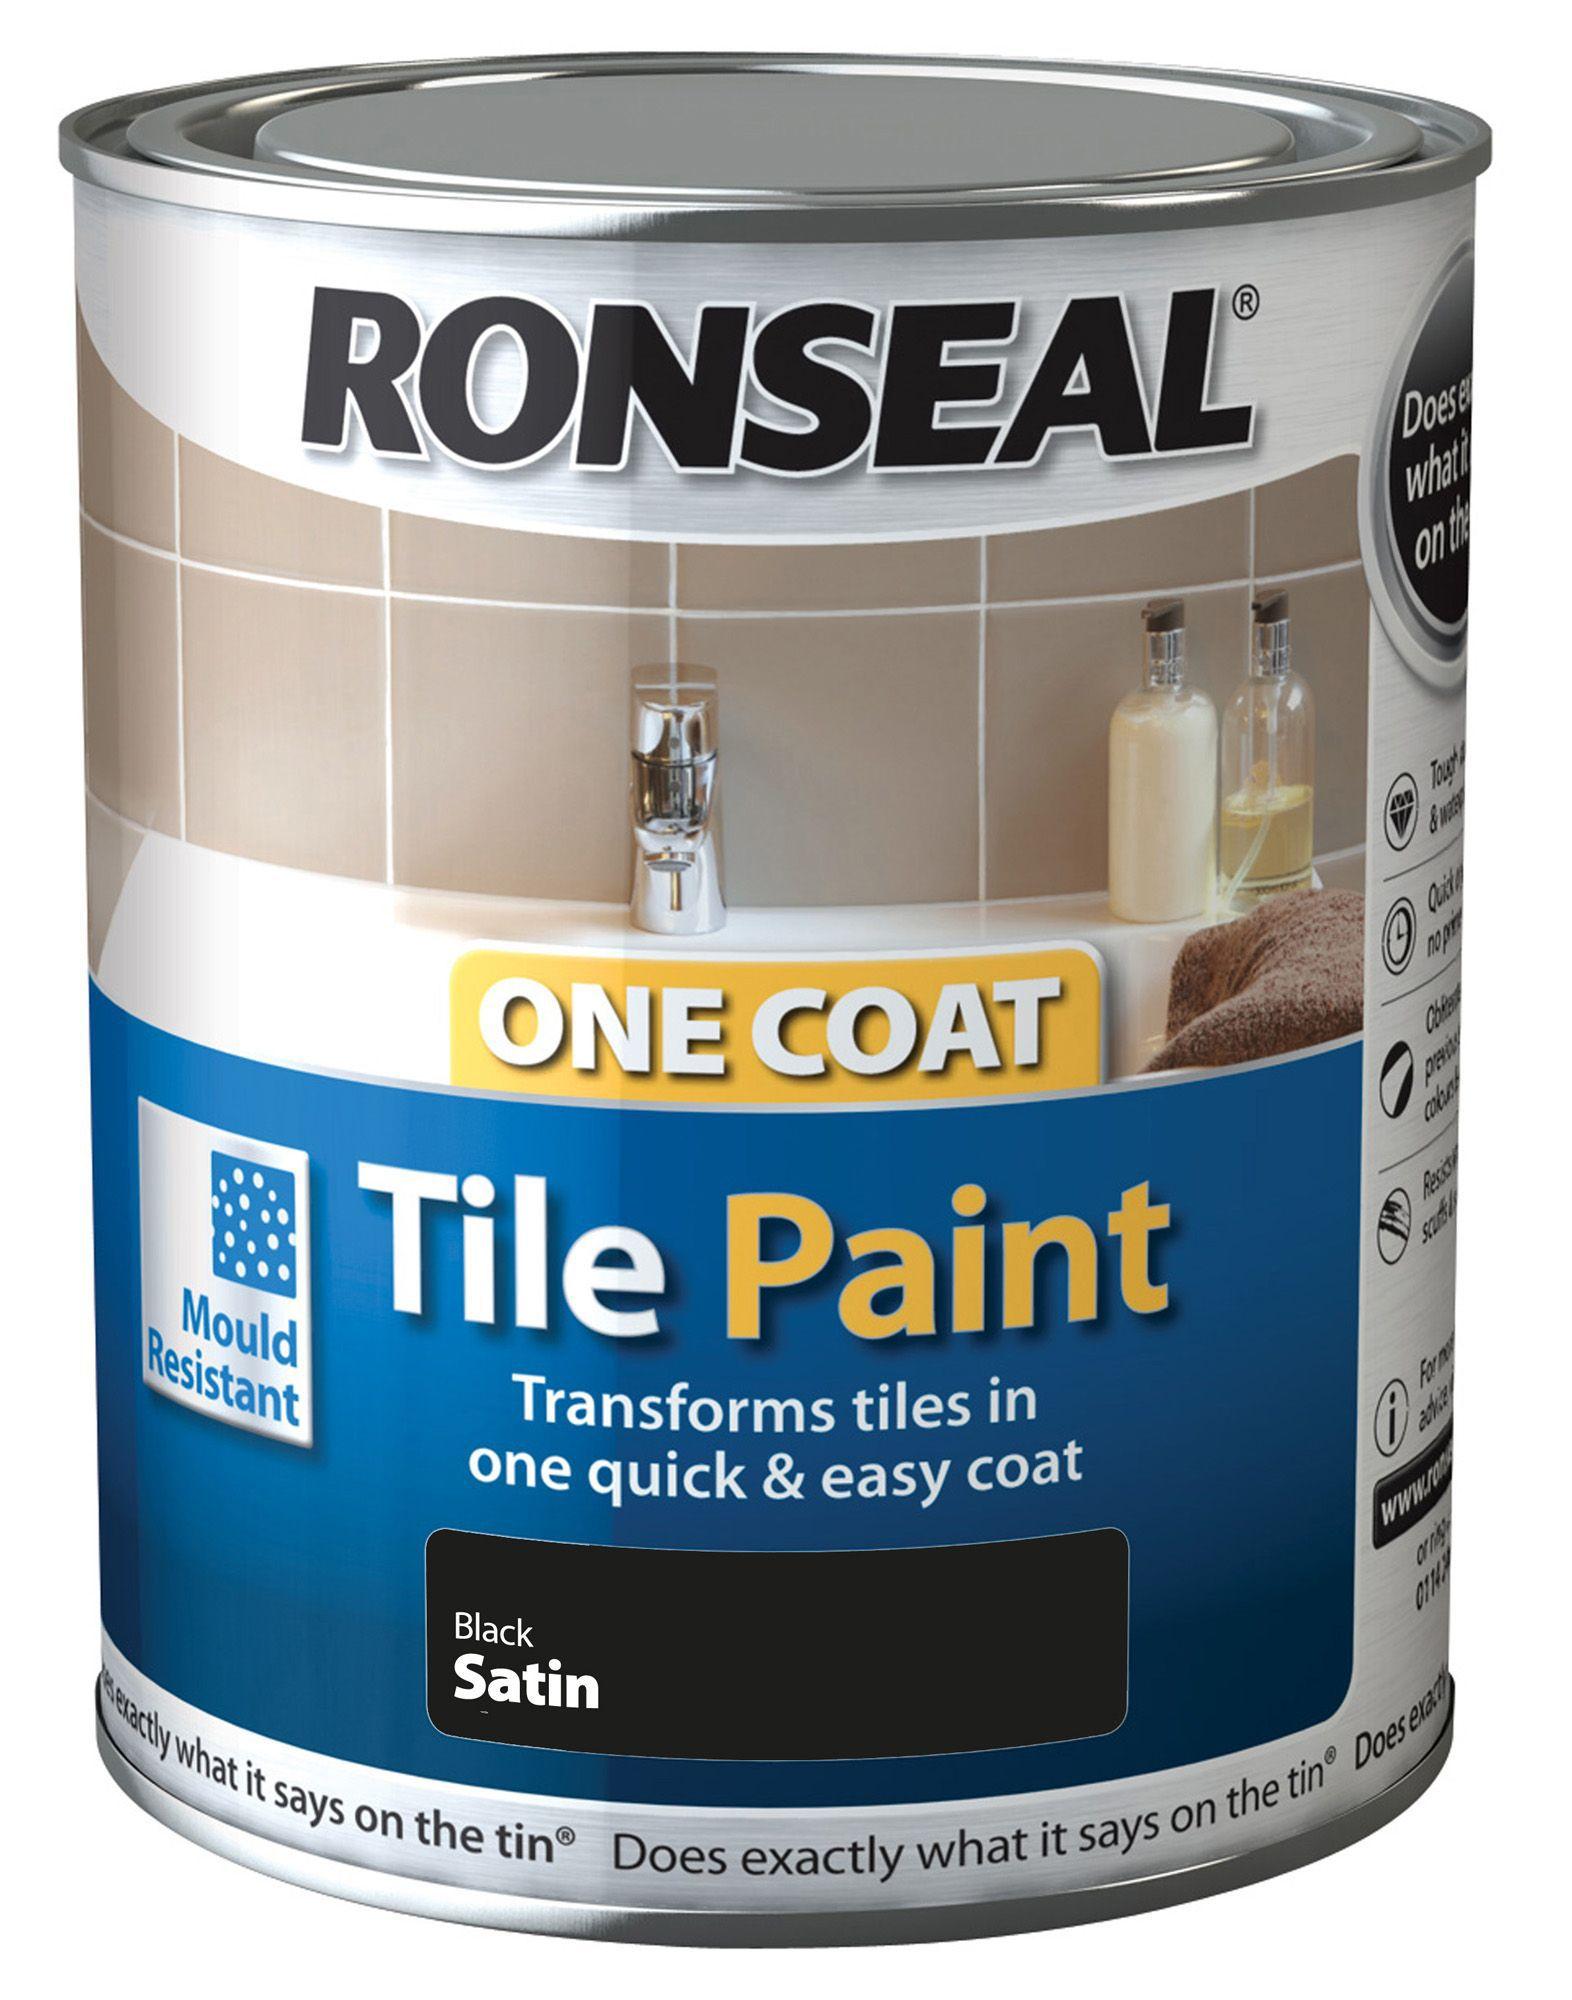 Ronseal Tile Paints Black Satin Tile Paint0.75L | Departments | DIY At Bu0026Q Part 57